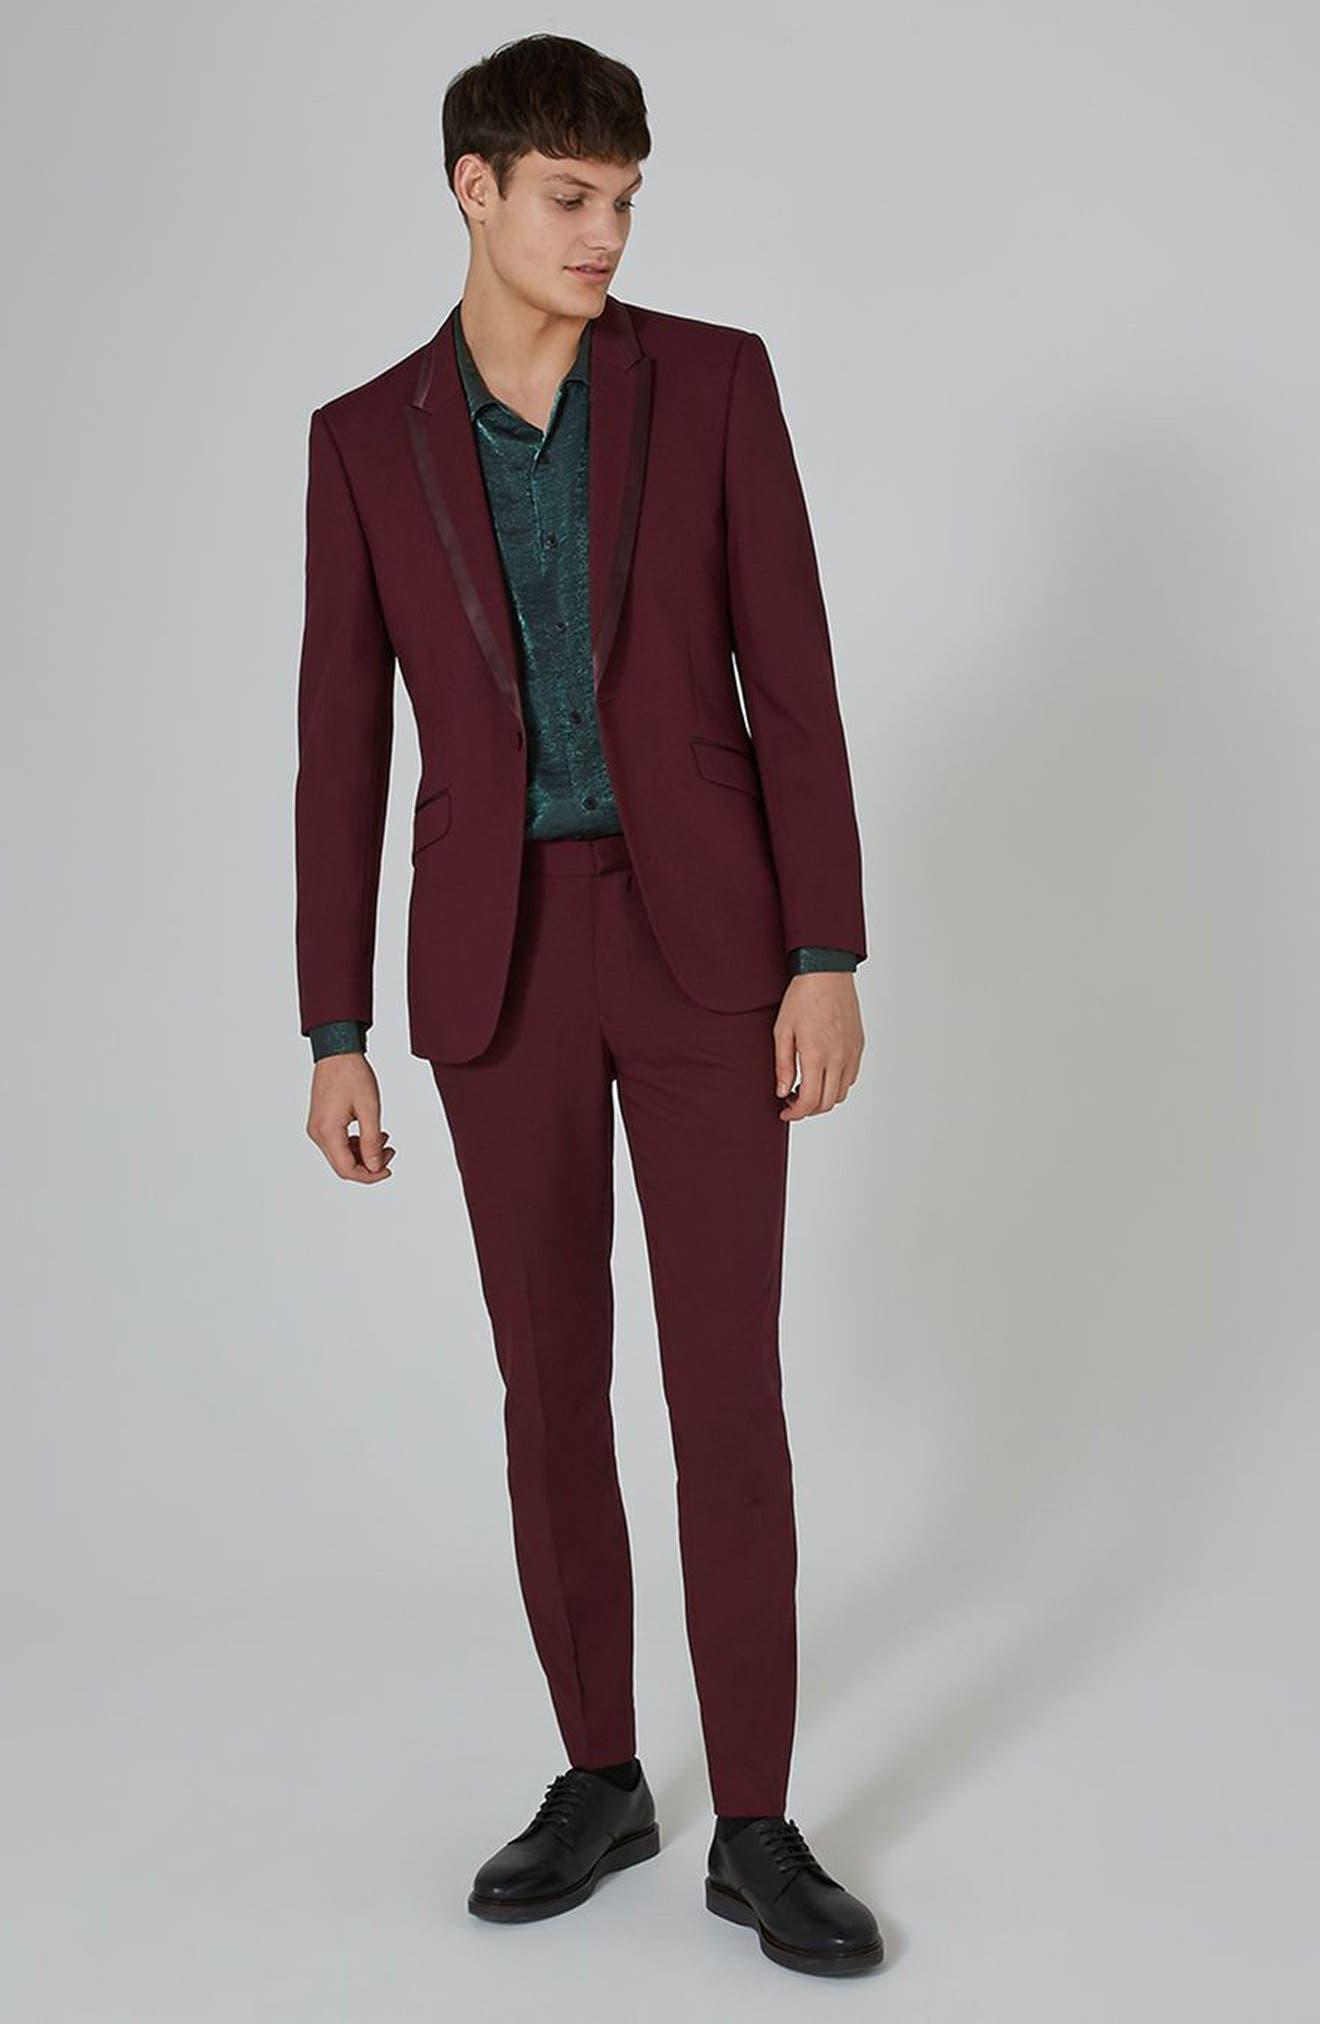 Skinny Fit Burgundy Tuxedo Jacket,                             Alternate thumbnail 2, color,                             Burgundy